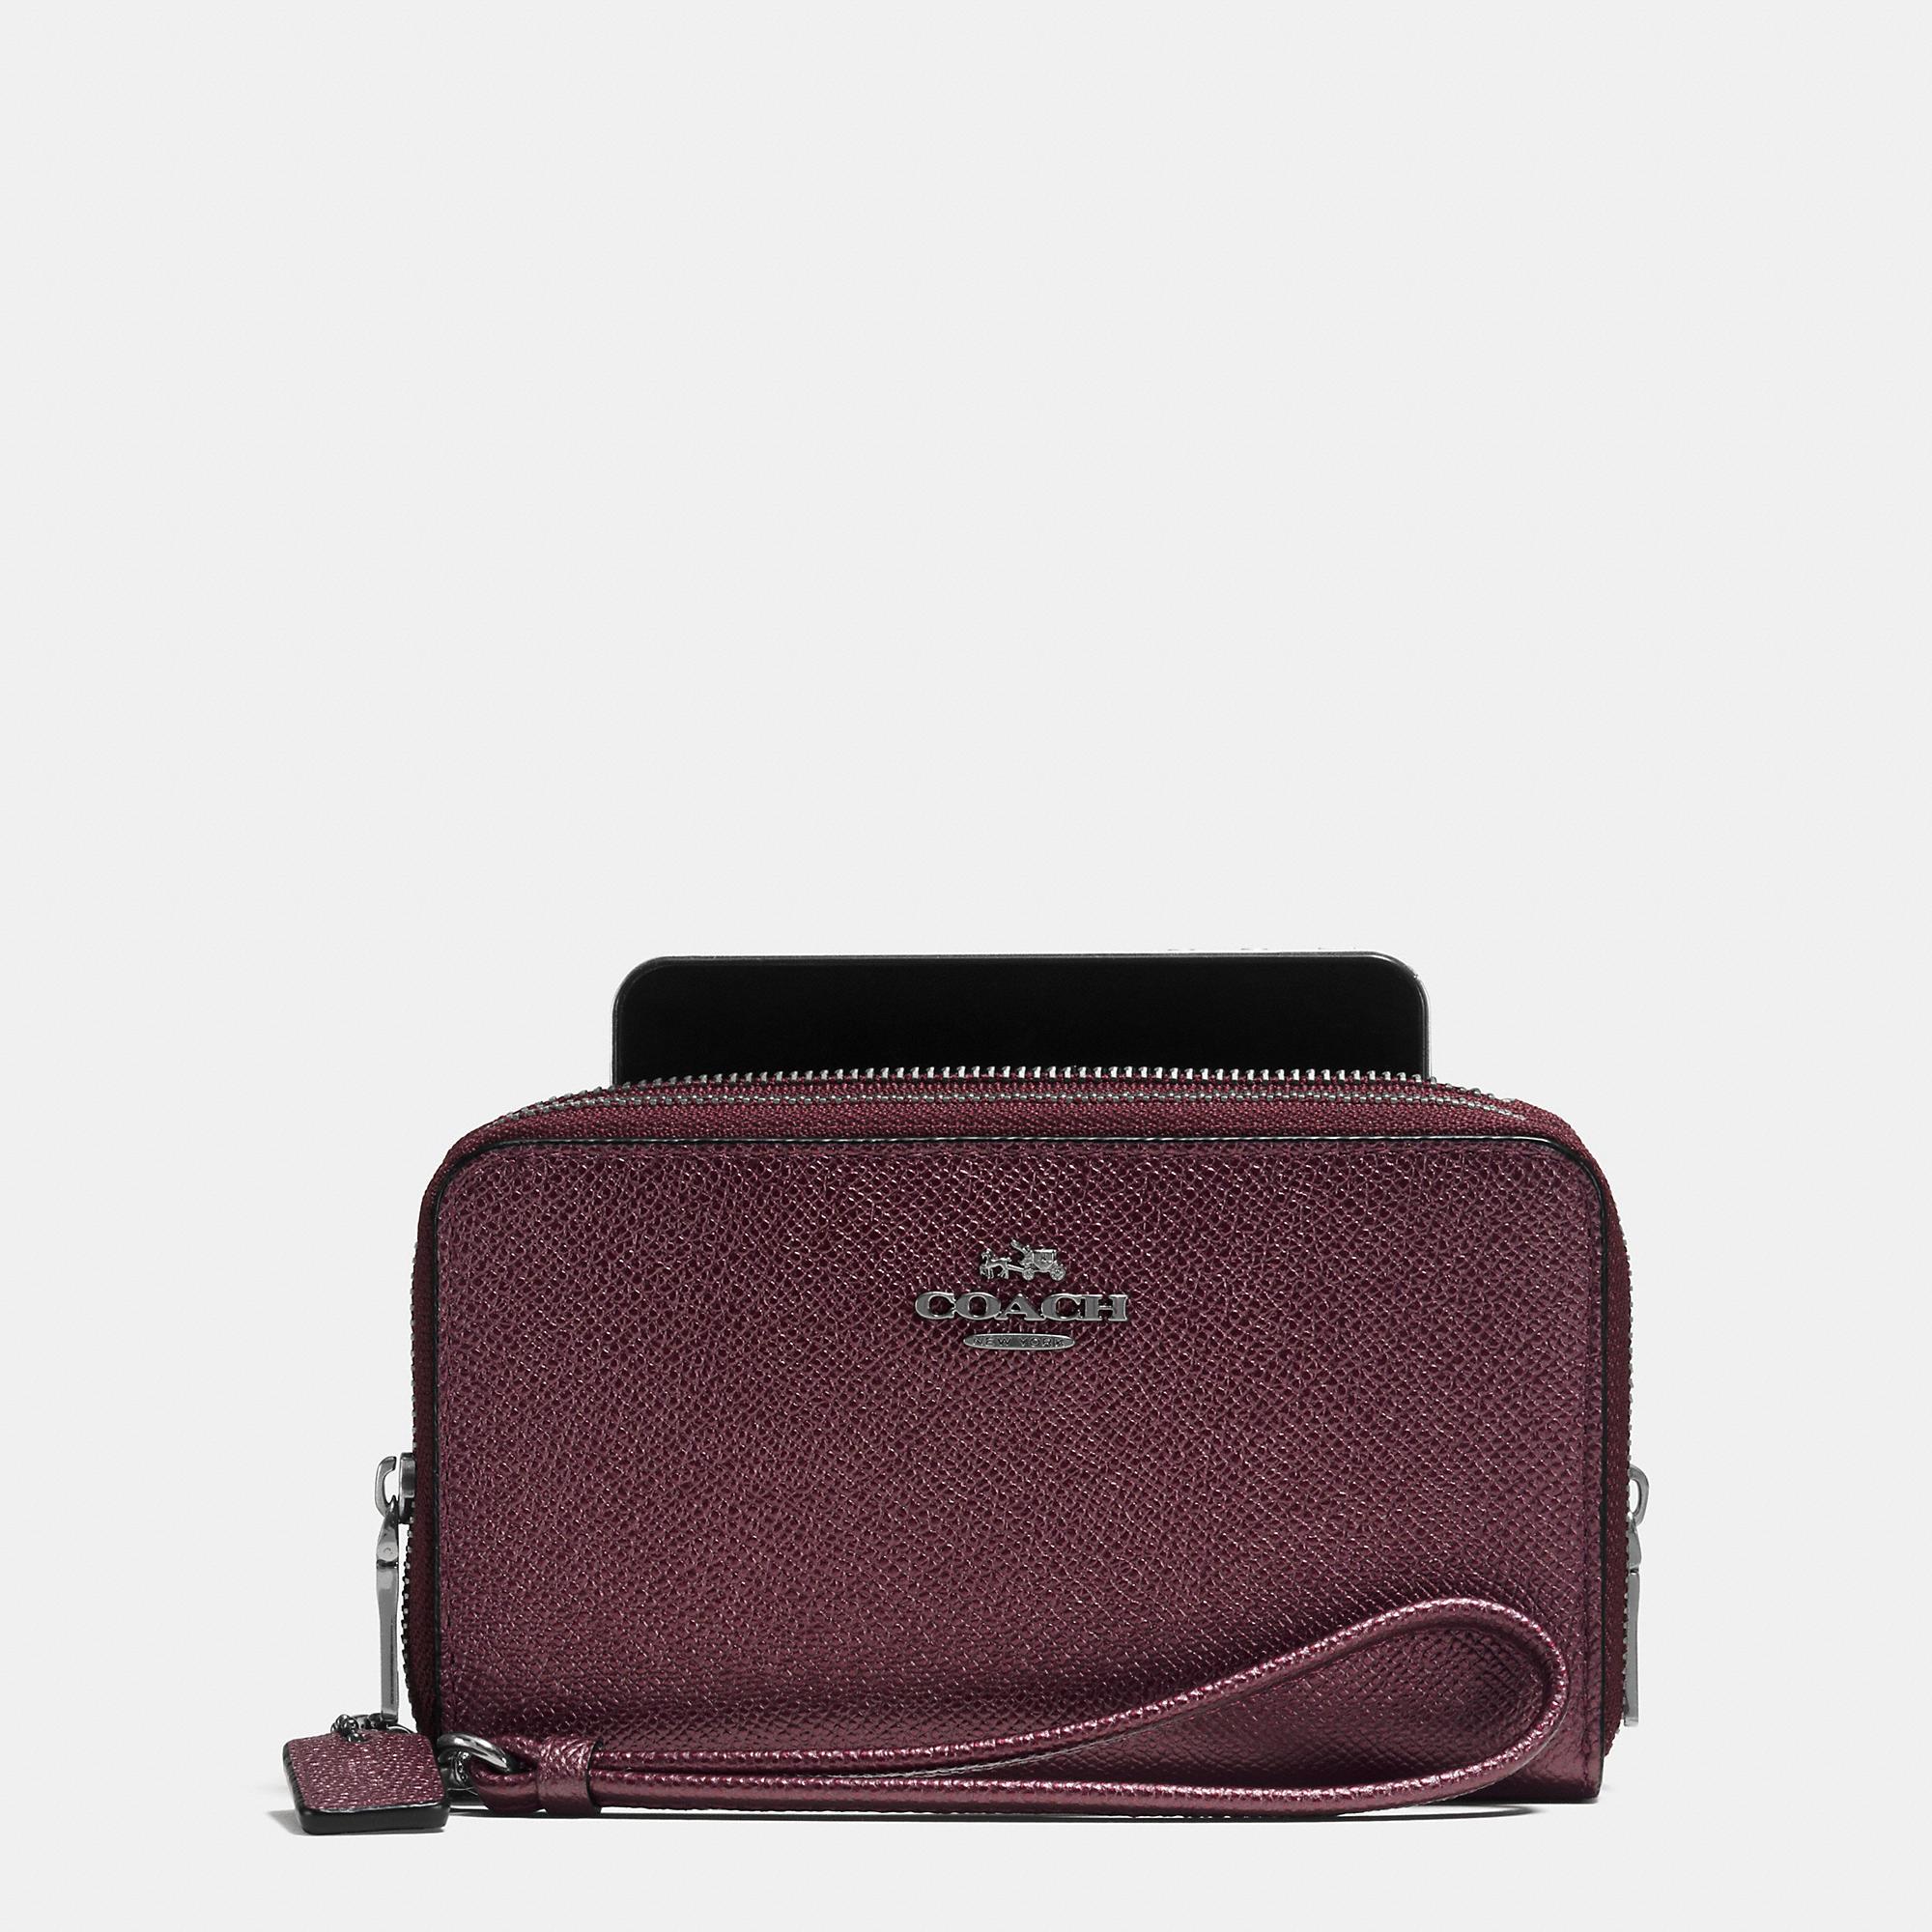 Women'S Italian Leather Double Zip Wallets 121